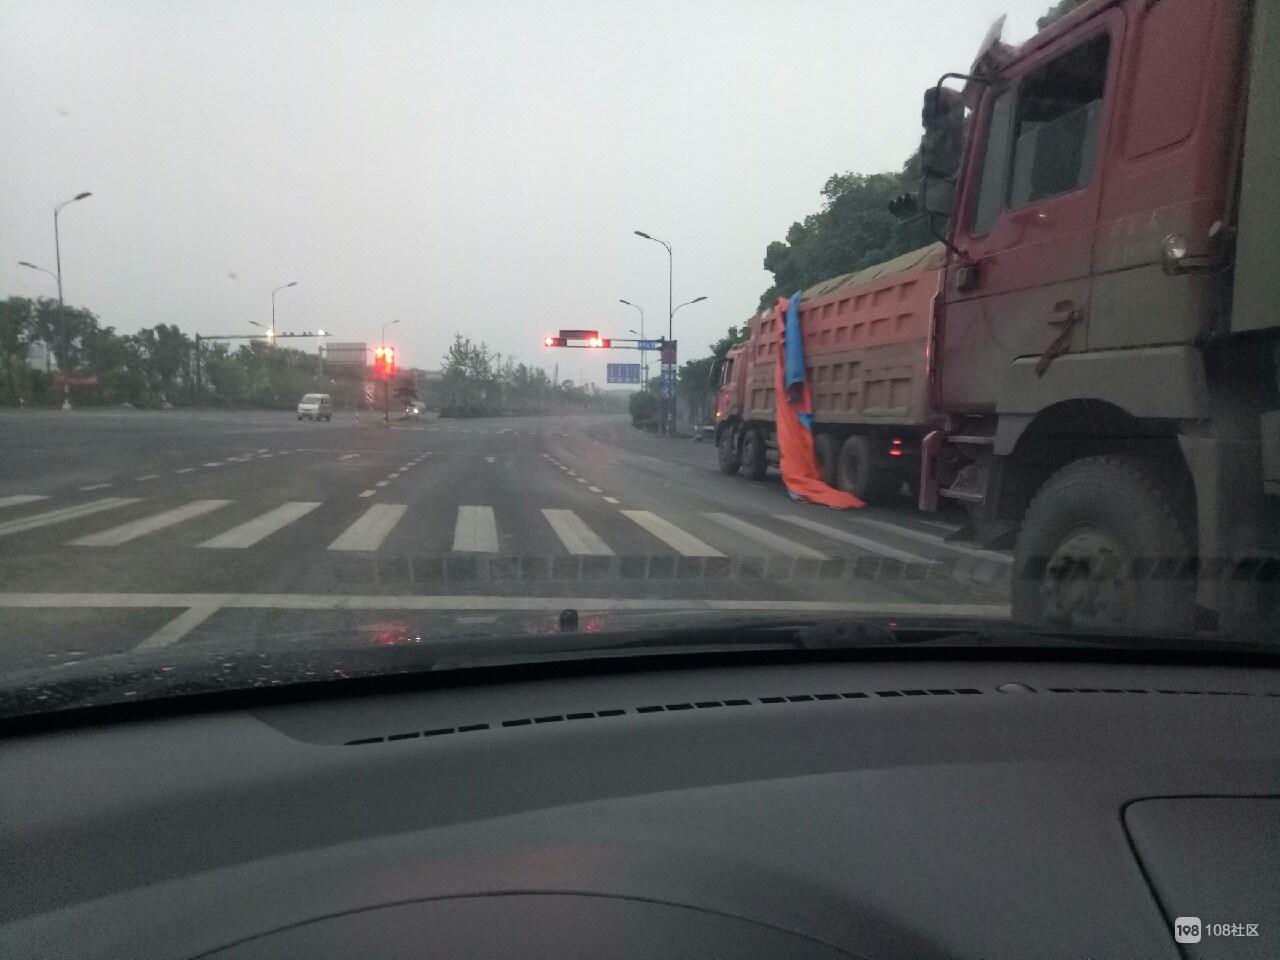 胆子嘎大!工程车在乾元一路畅行,校门口红绿灯形同虚设!